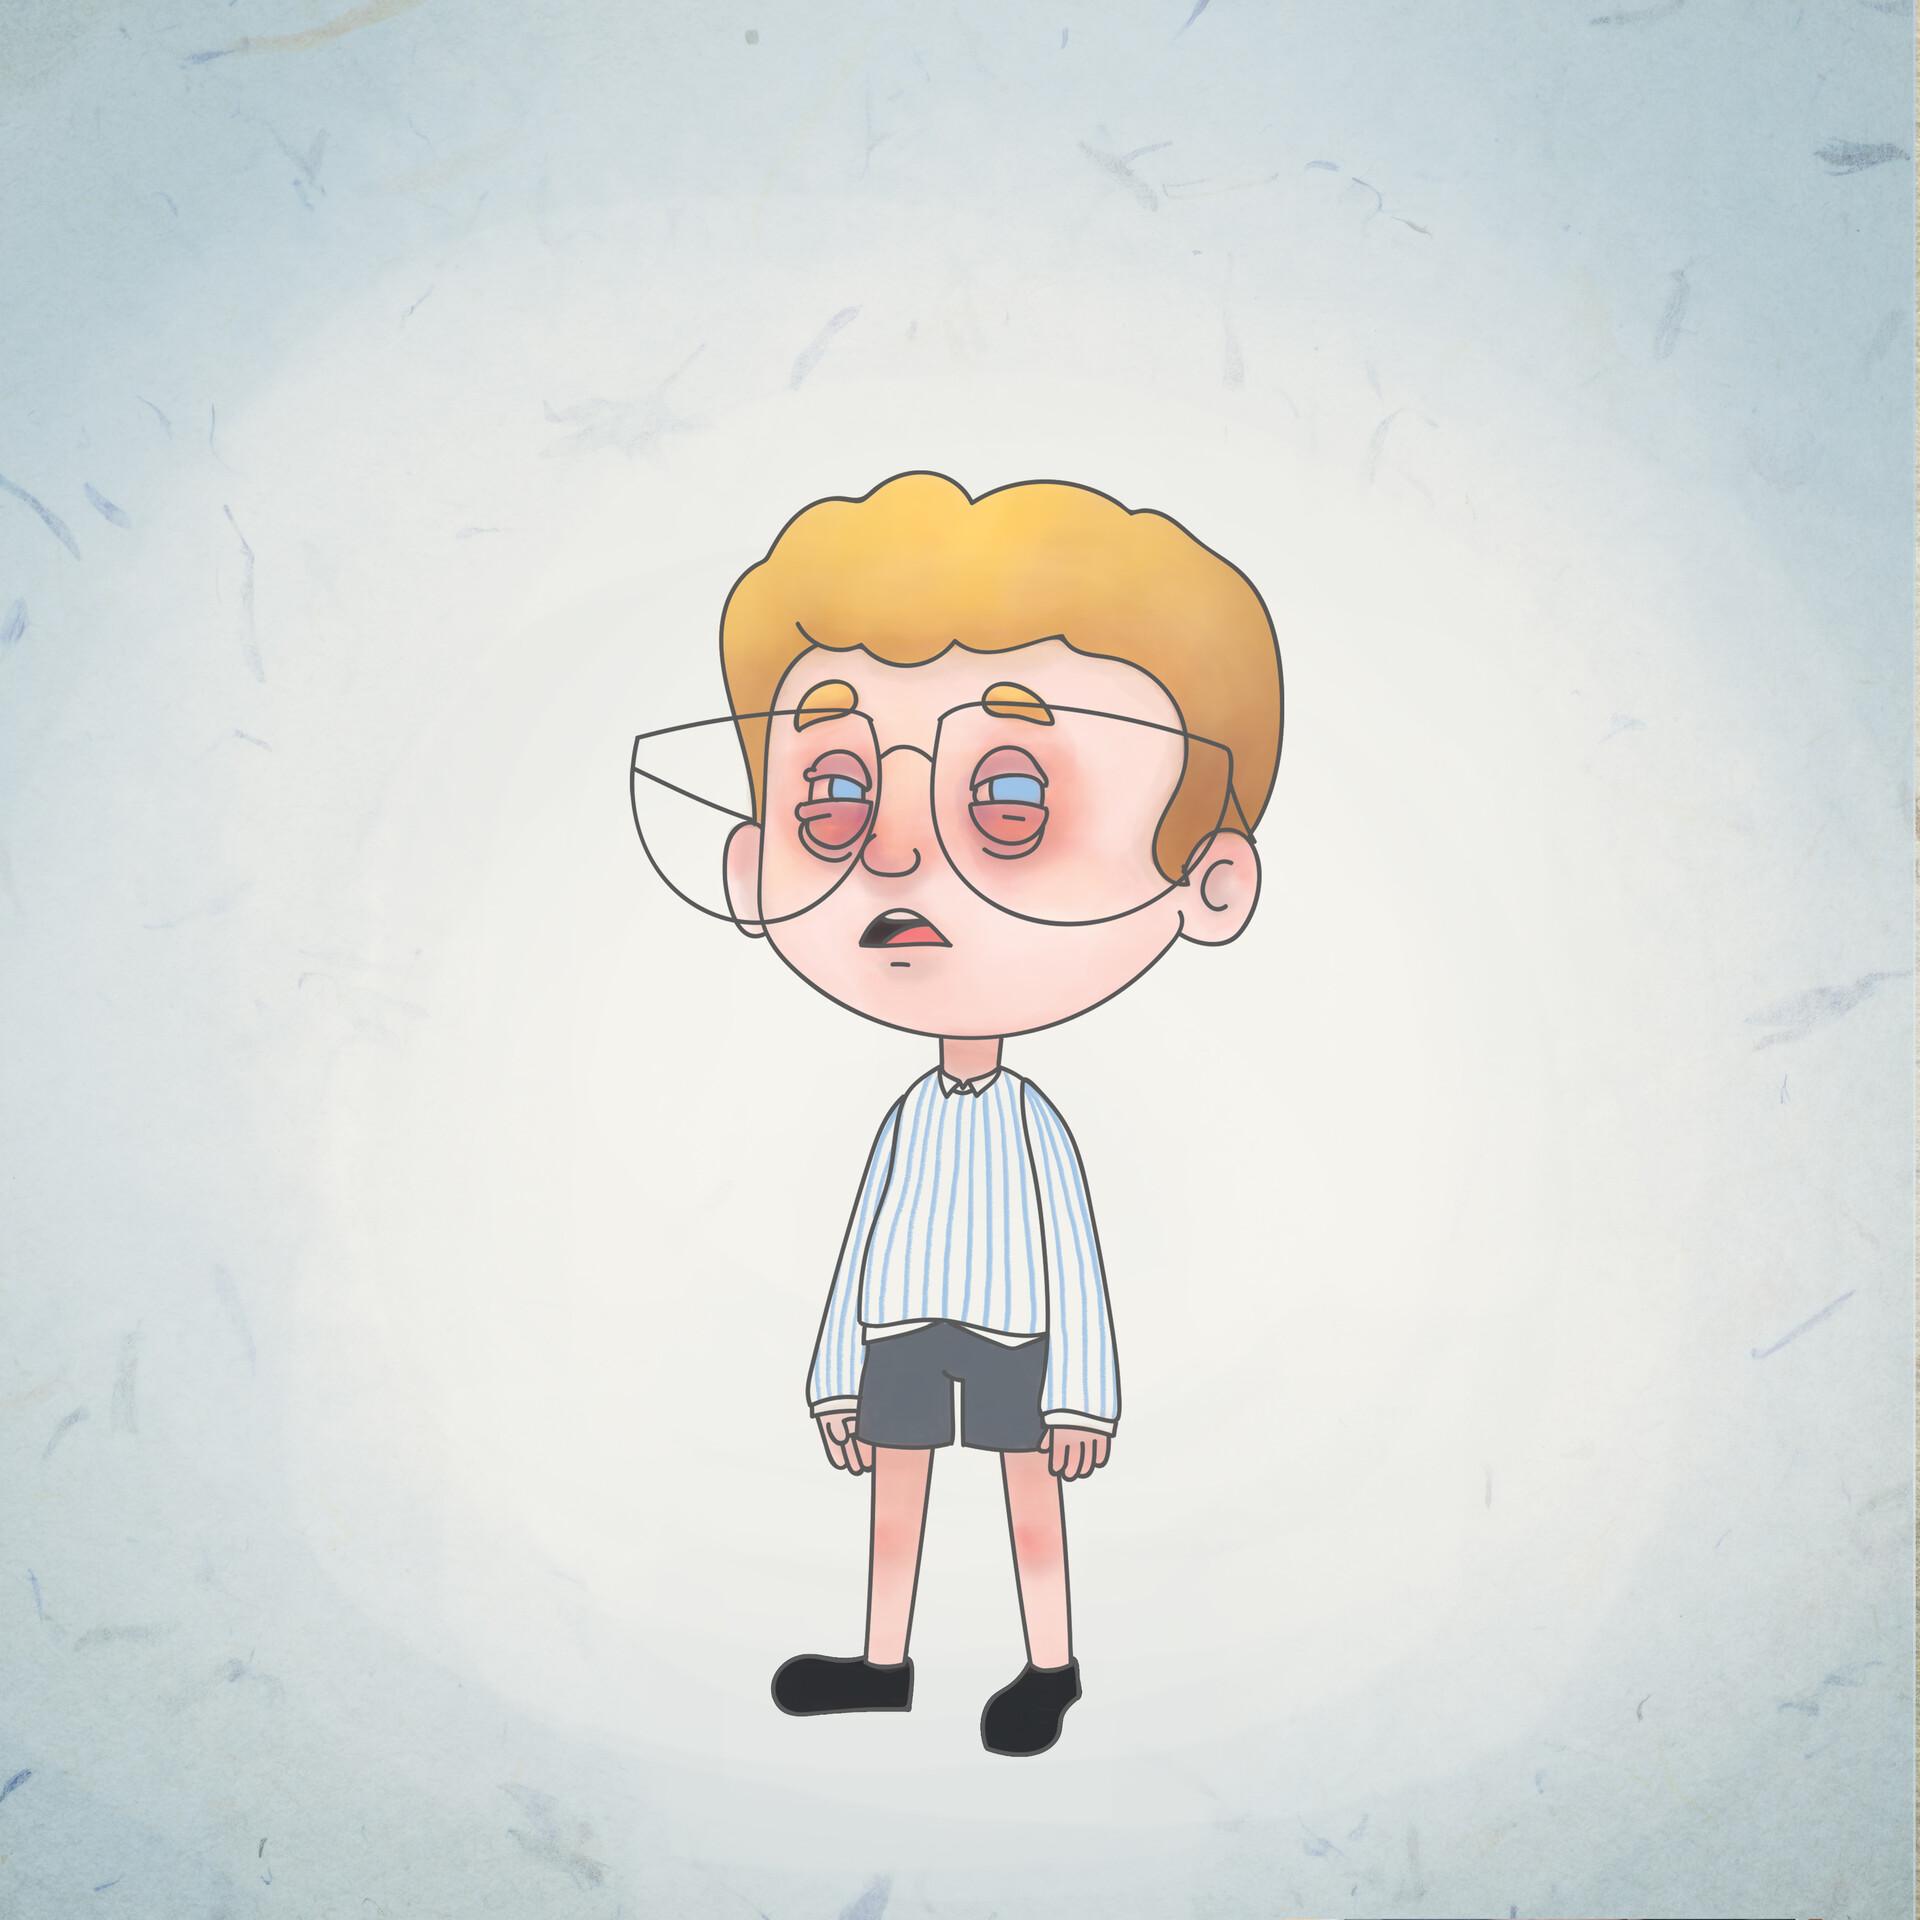 Alecs ganoria boy puffyeyes